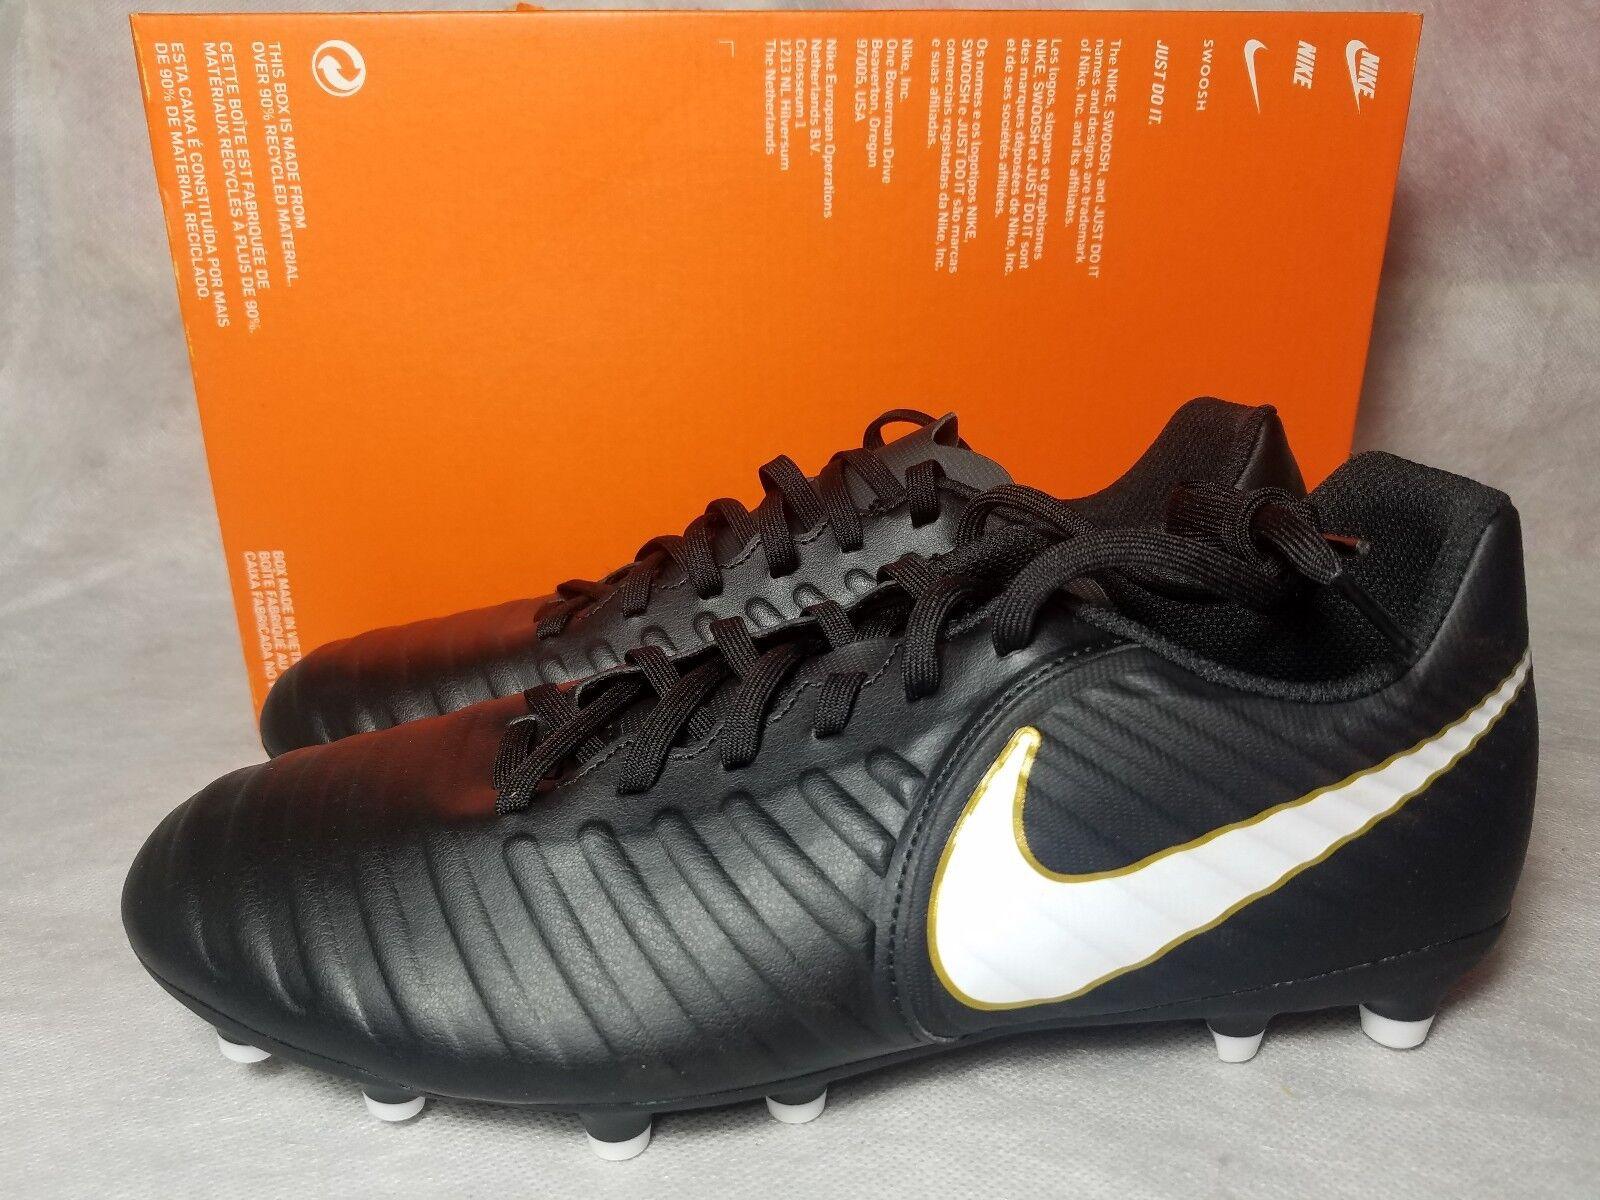 sneakers for cheap 9d0e1 332ac ... spain new nike tiempo rio iv oro fg soccer cleat negro oro iv blanco de  cuero